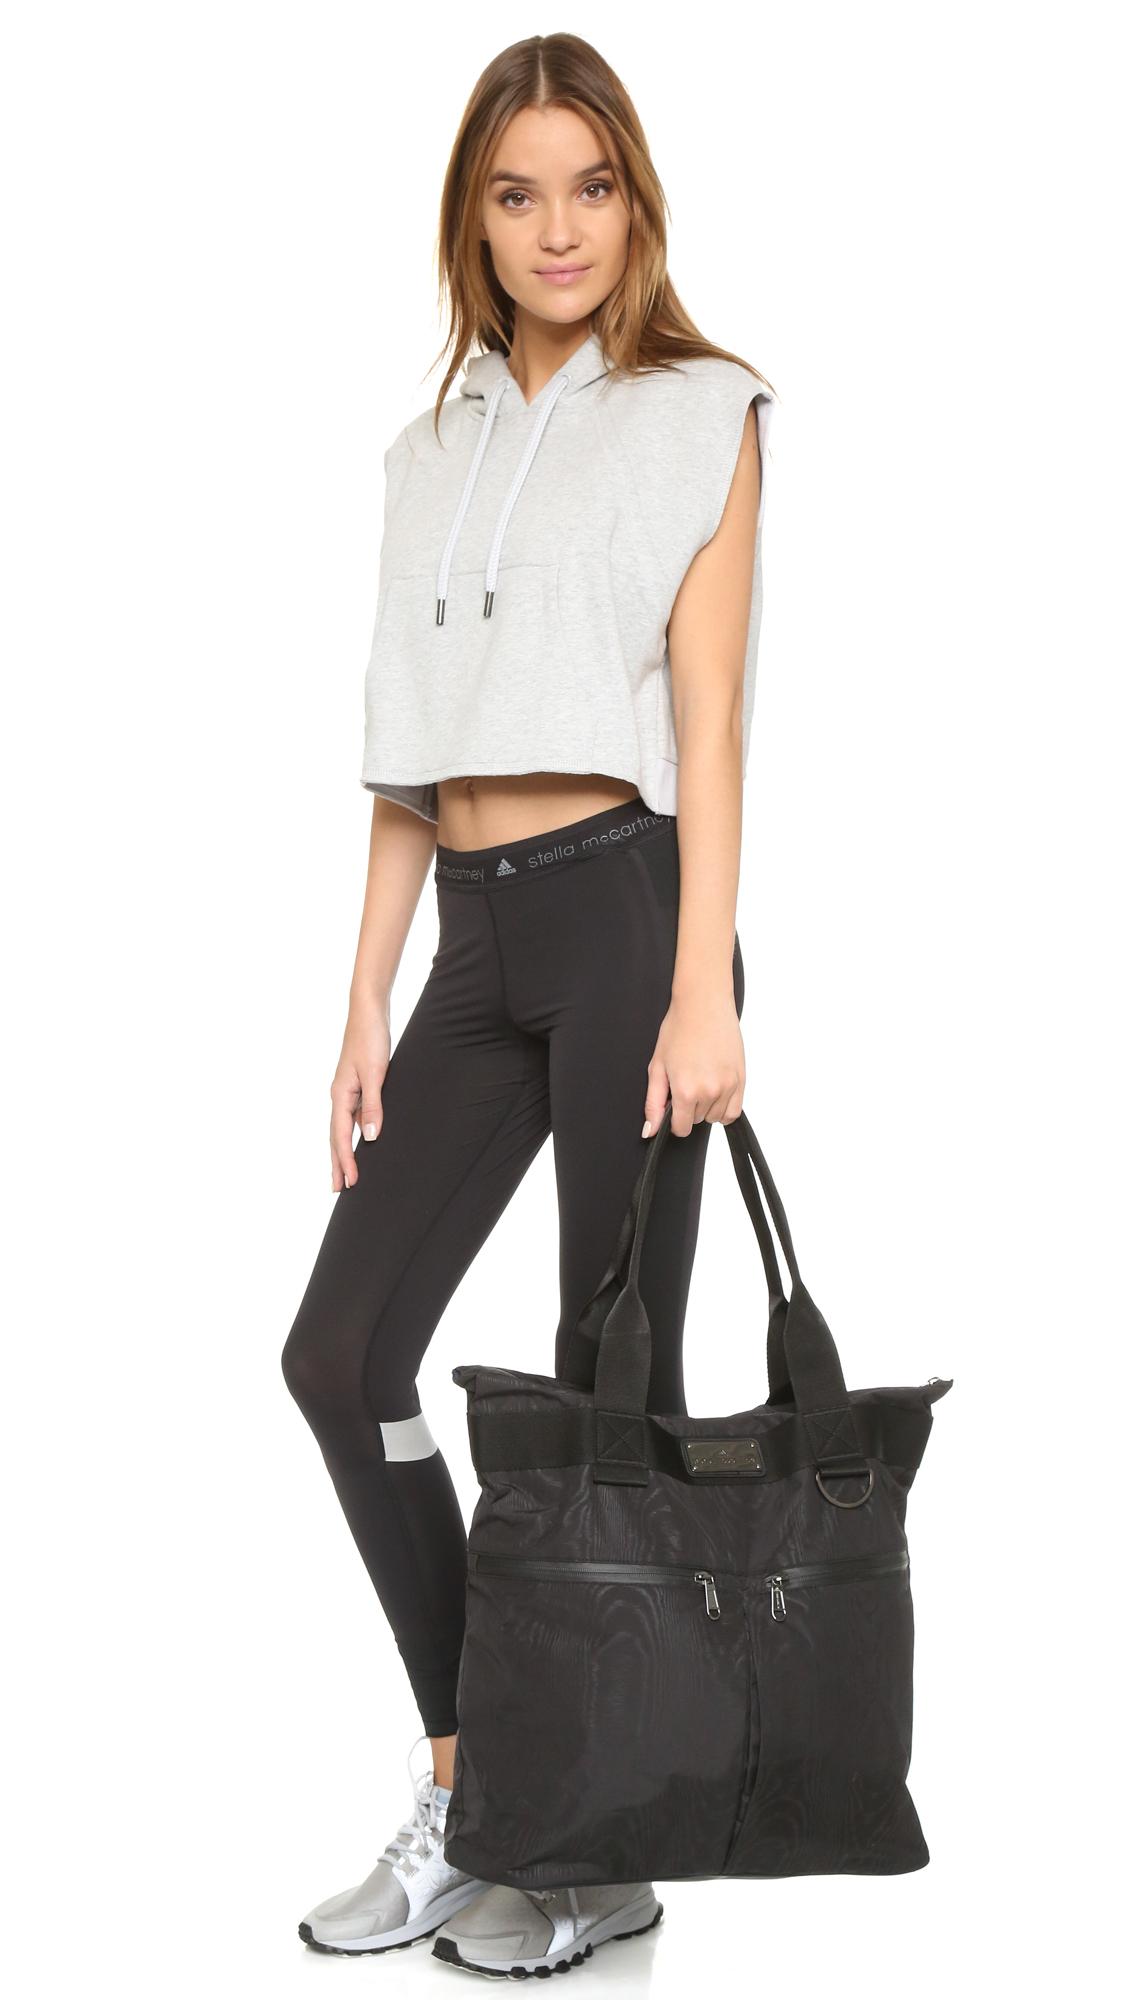 Adidas By Stella Mccartney Big Sports Bag In Black Lyst